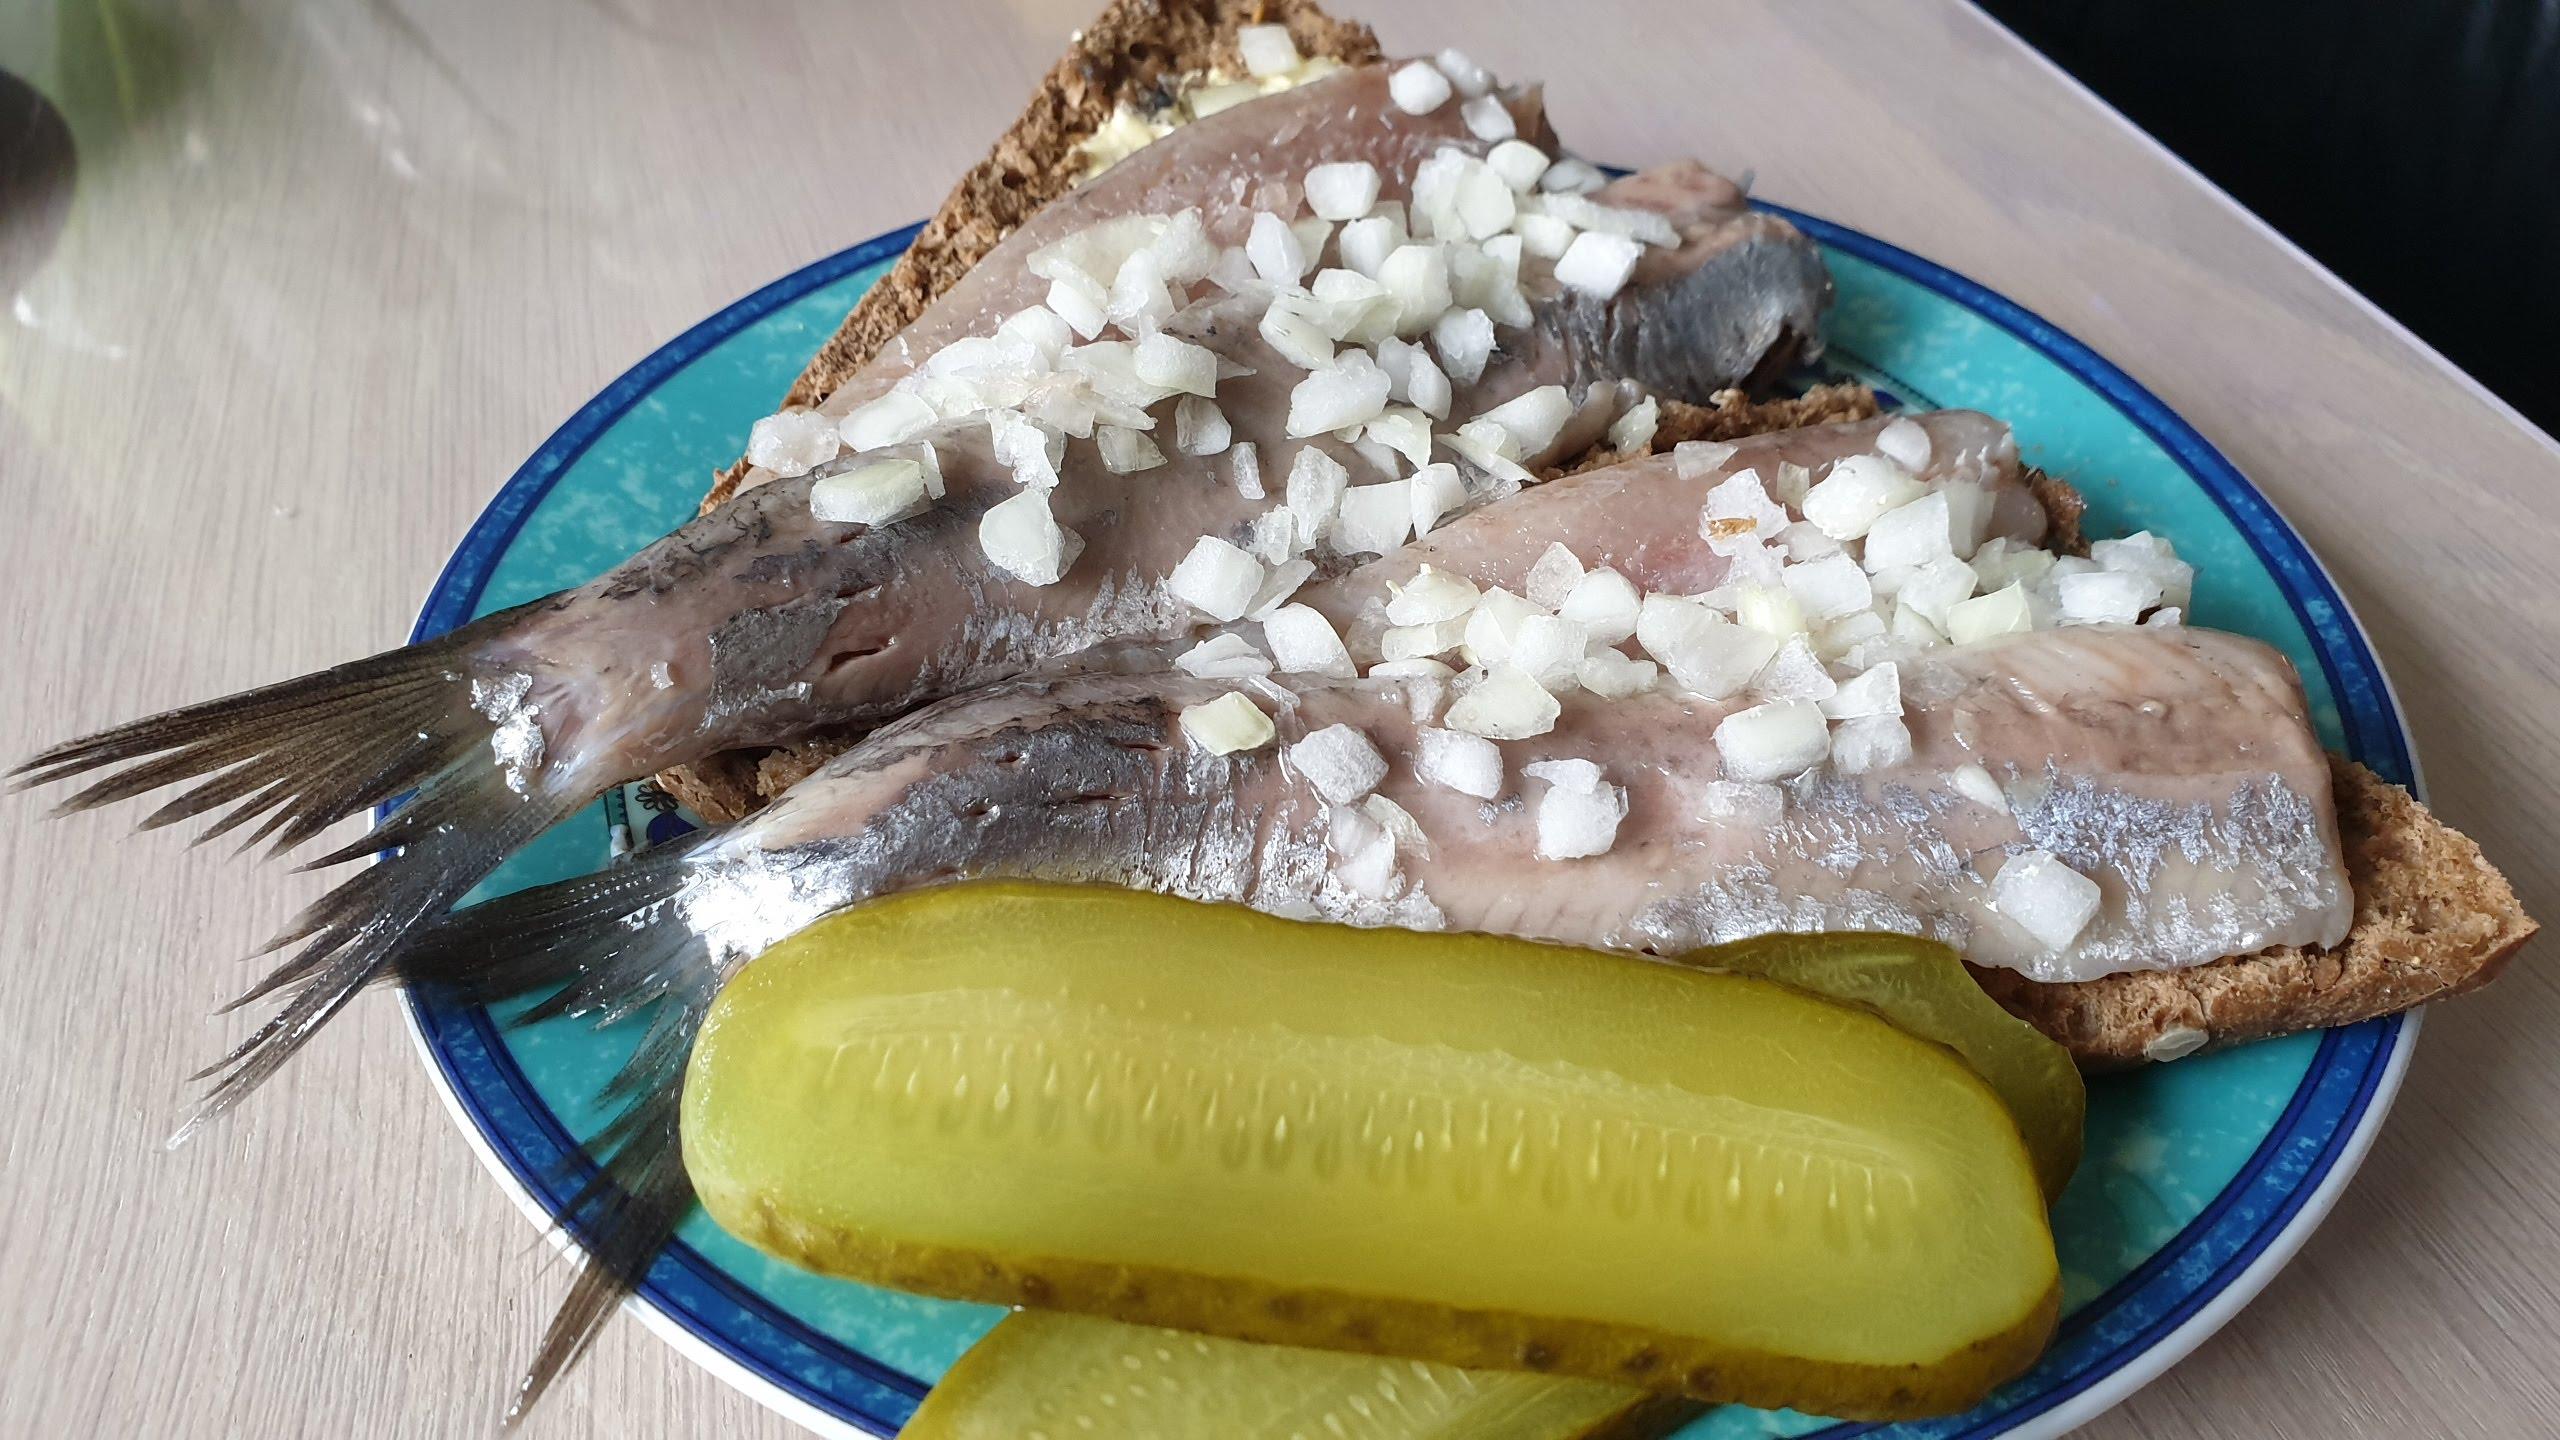 Roti, Haring, Acar Ketimun dan Racikan Bawang Bombay. Cara mengkonsumbi ikan Belanda, Haring. Memilih makanan khas Belanda.